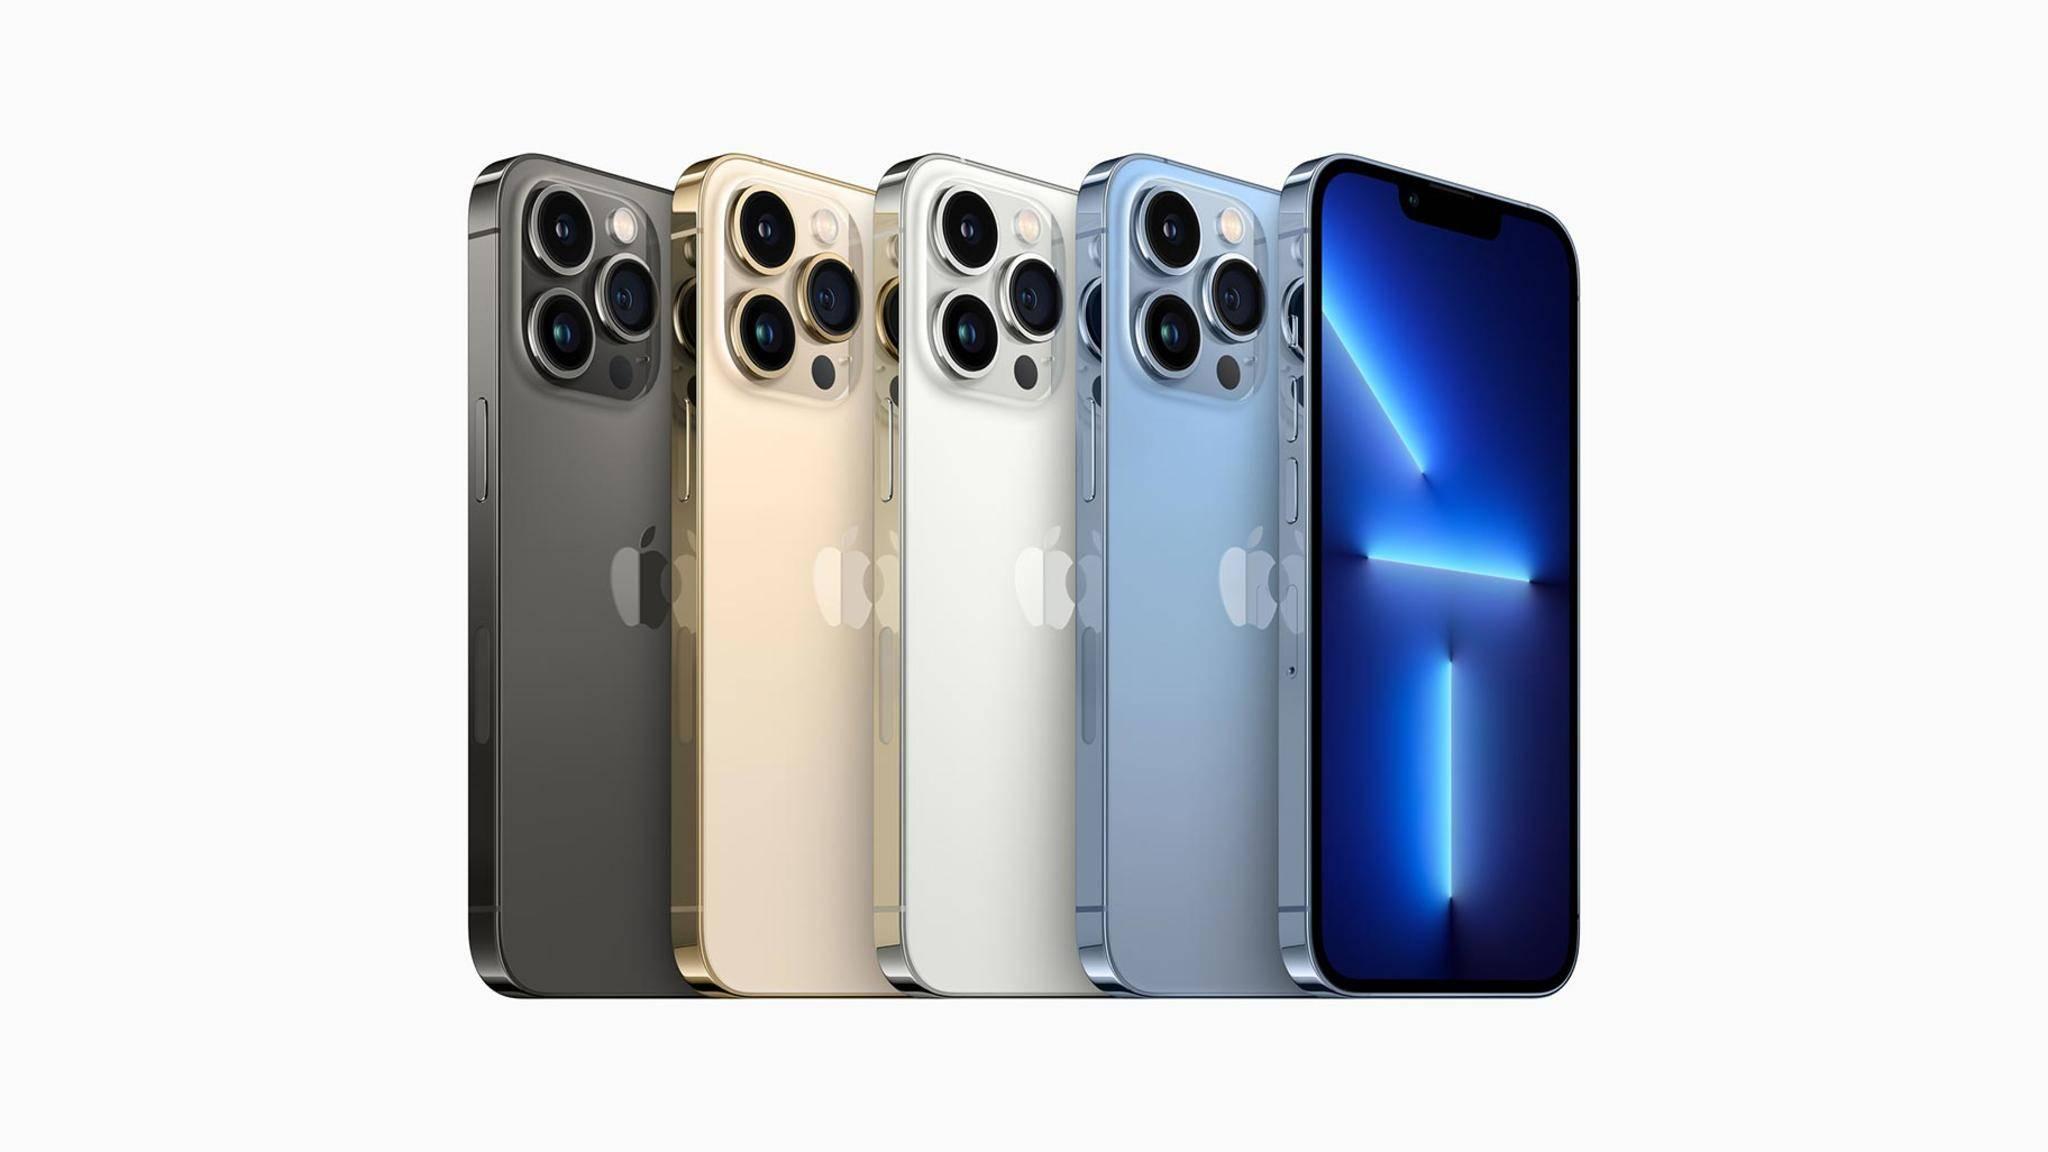 Das iPhone 13 Pro hat vor allem bei der Grafikleistung enorm zugelegt.